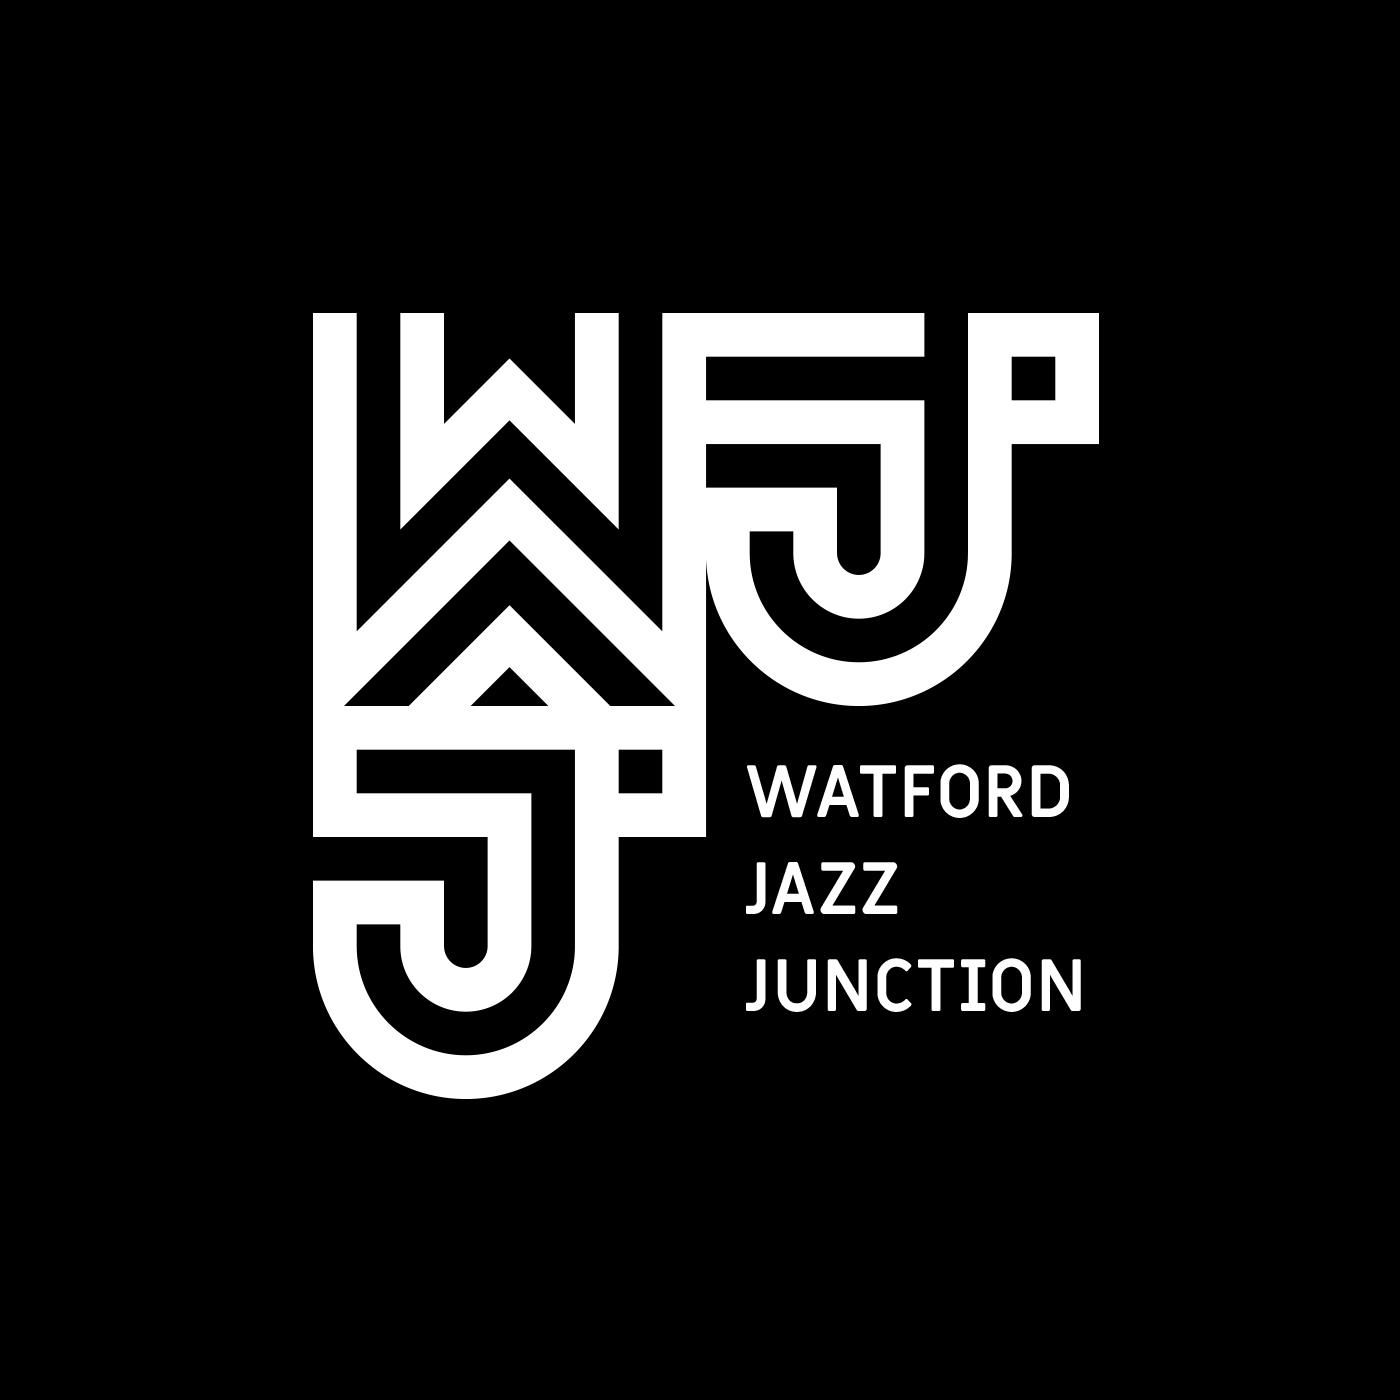 Watford Jazz Junction